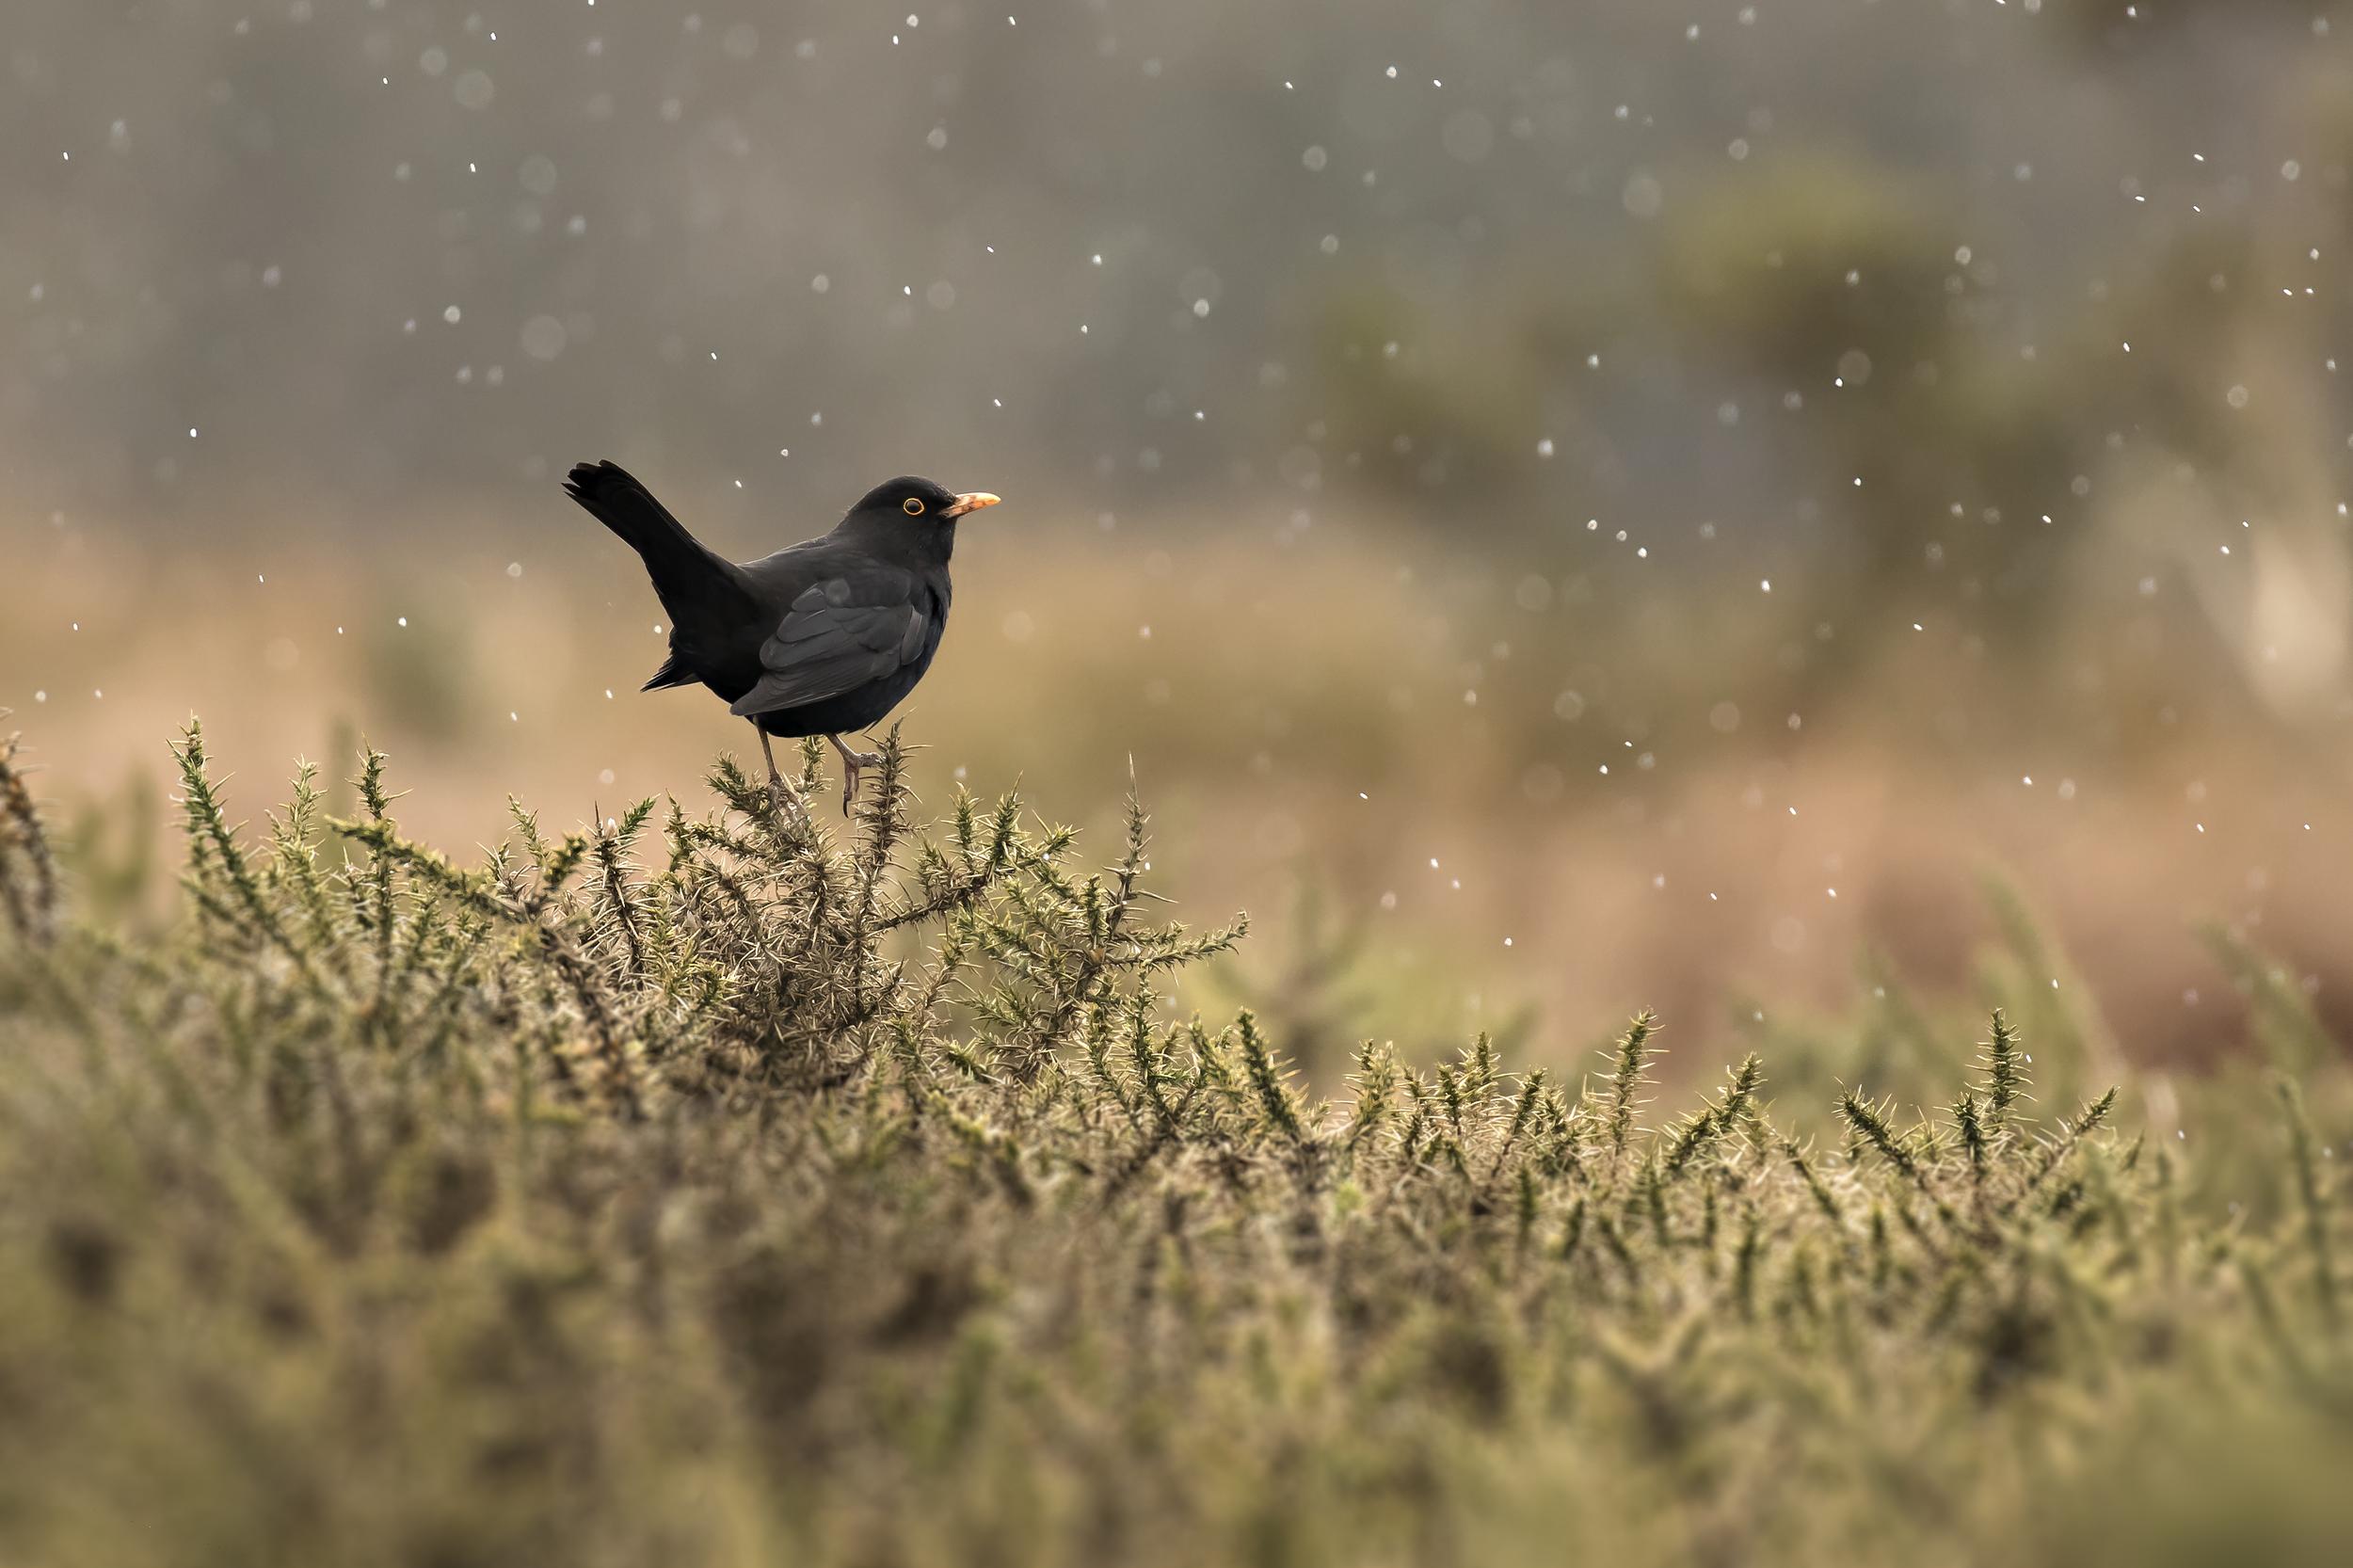 Blackbird in Blizzard